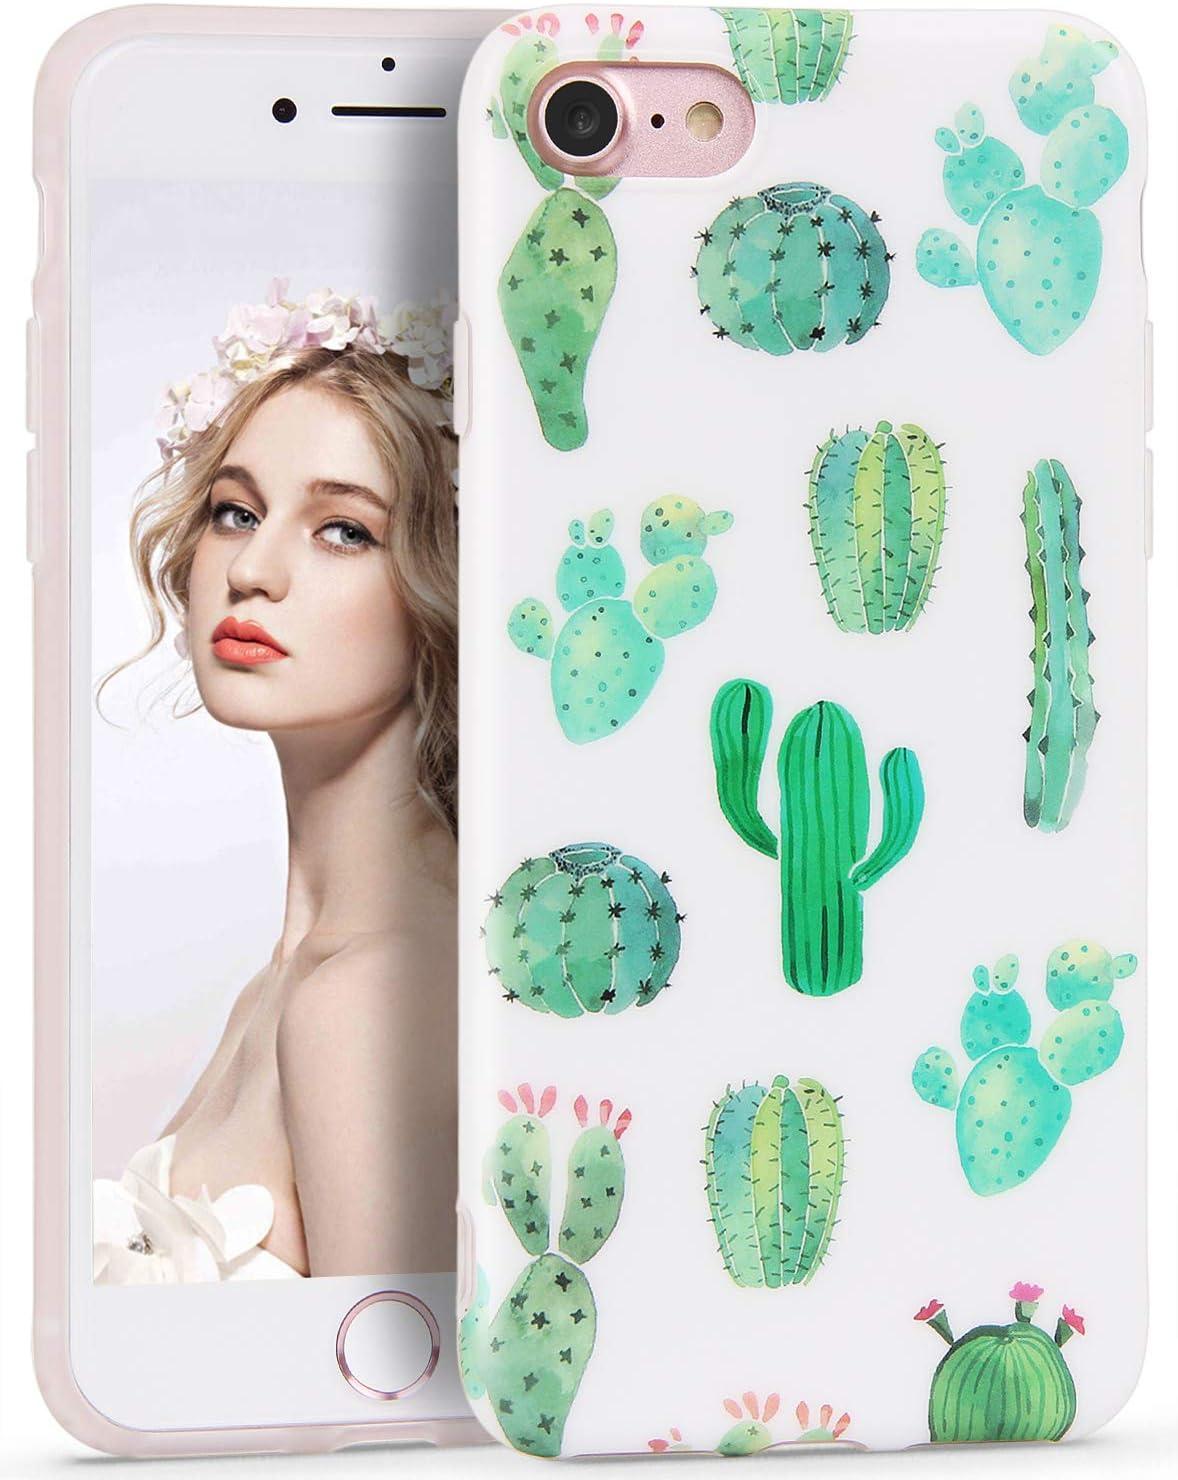 Imikoko Coque pour iPhone 6S/6 Motif floral Blanc Vert Cactus Femme Protection Mignon Mince Anti-Chocs Silicone TPU Souple Coque pour iPhone 6S/iPhone ...